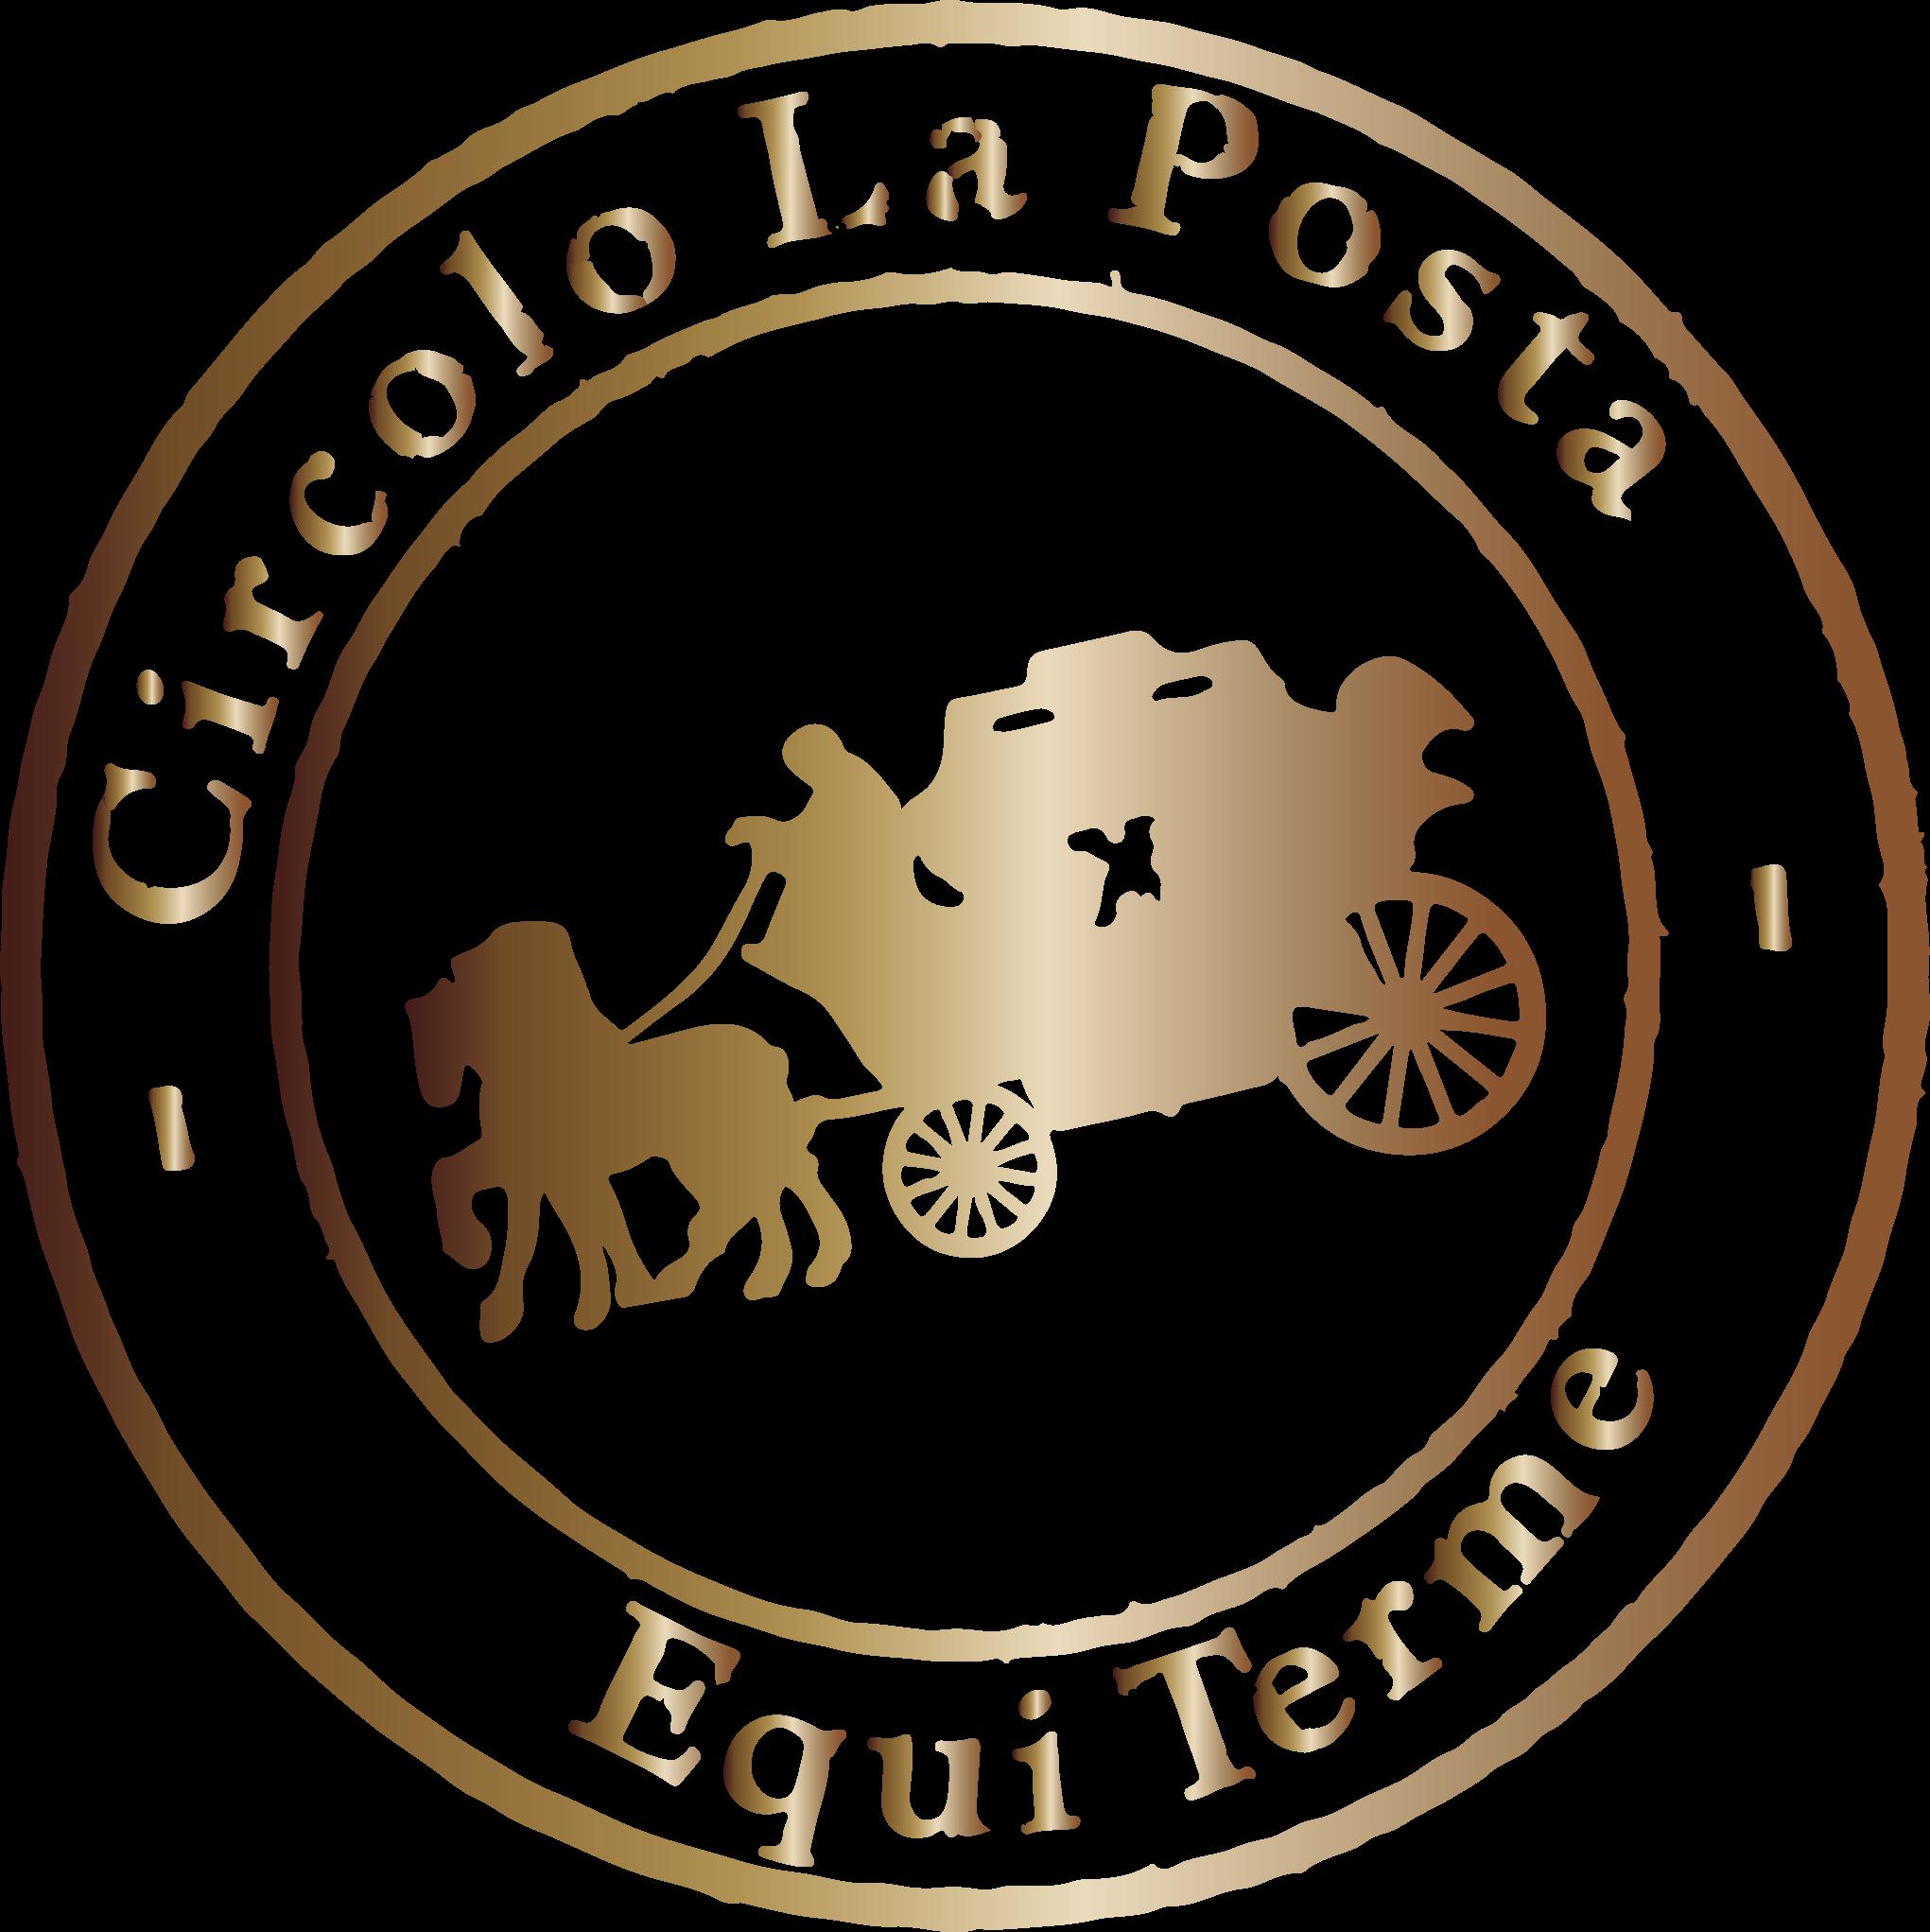 la posta logo bronzo